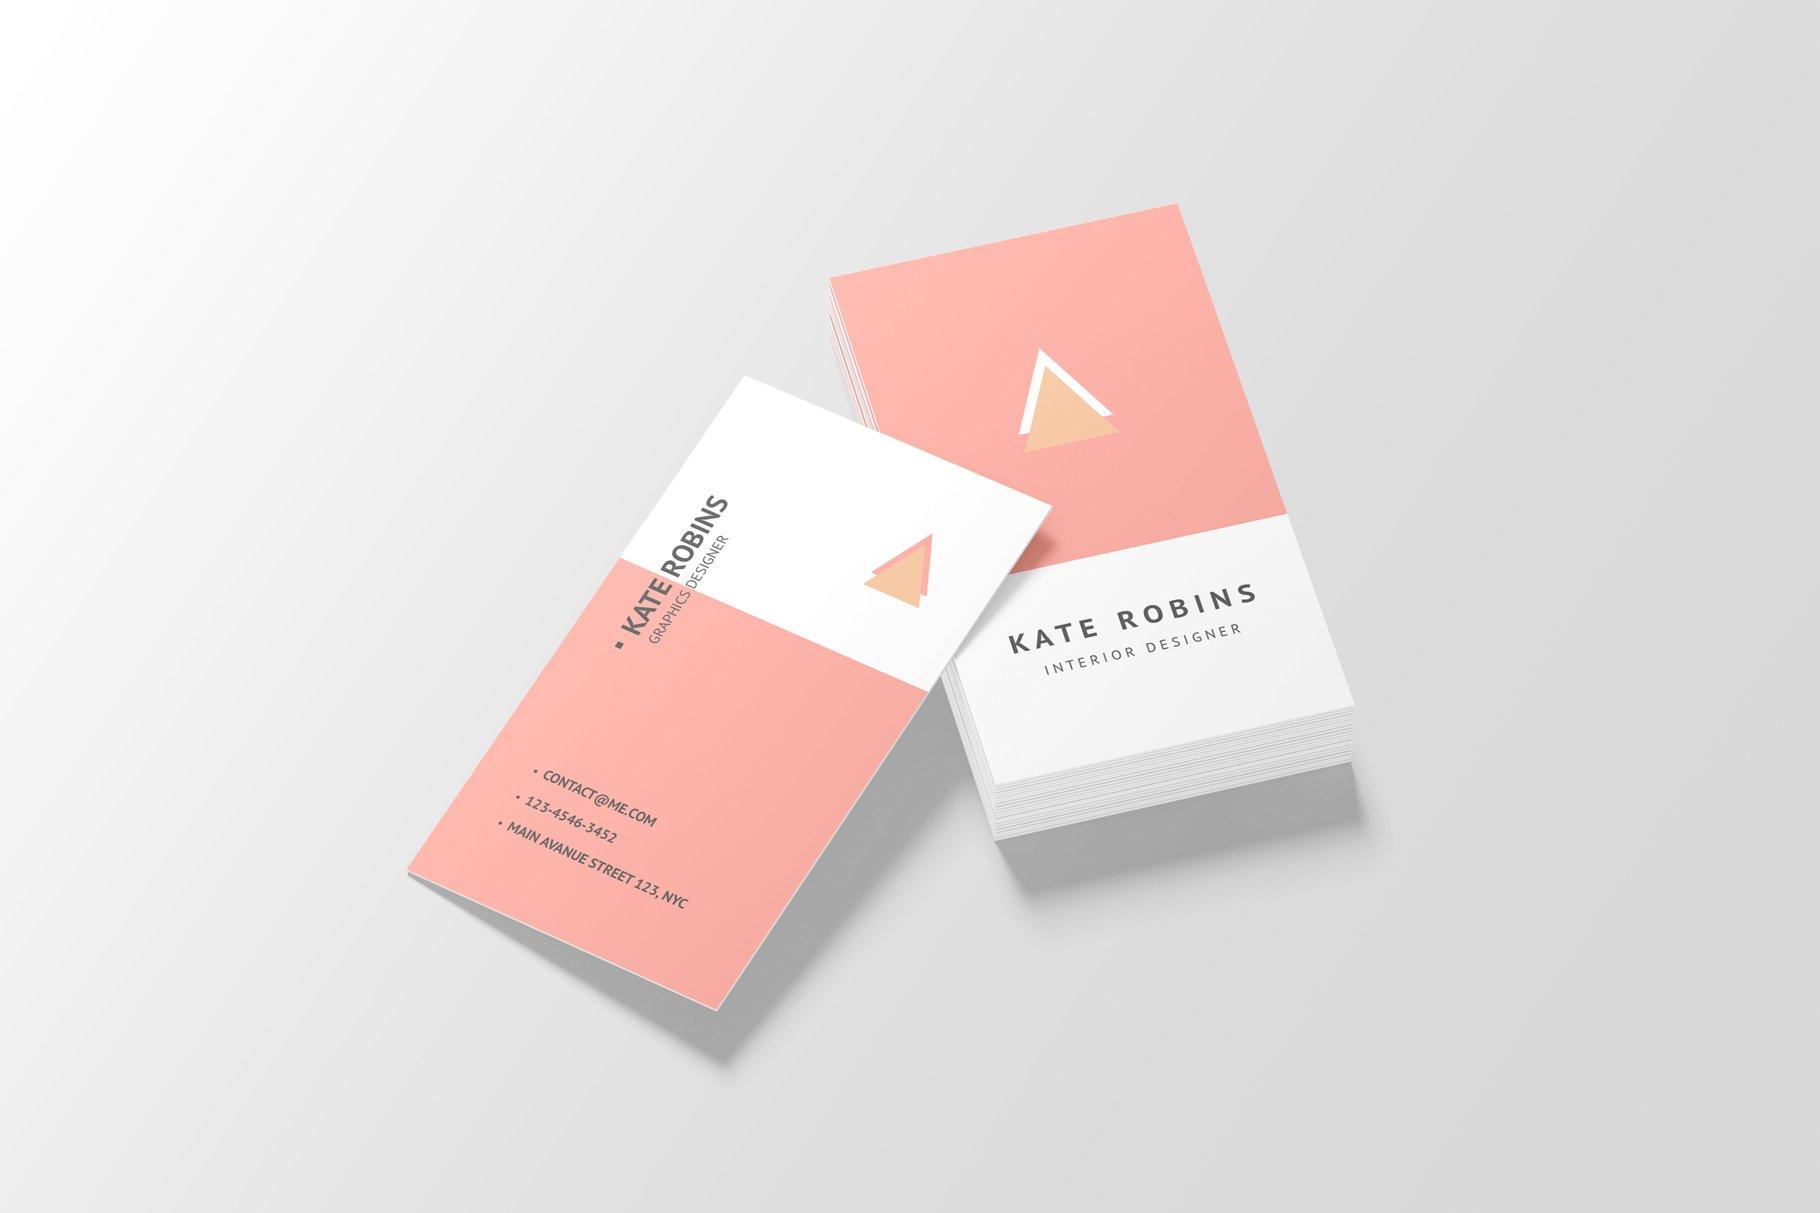 14款商务个人名片卡片设计展示样机 Portrait Business Card Mockup插图(10)